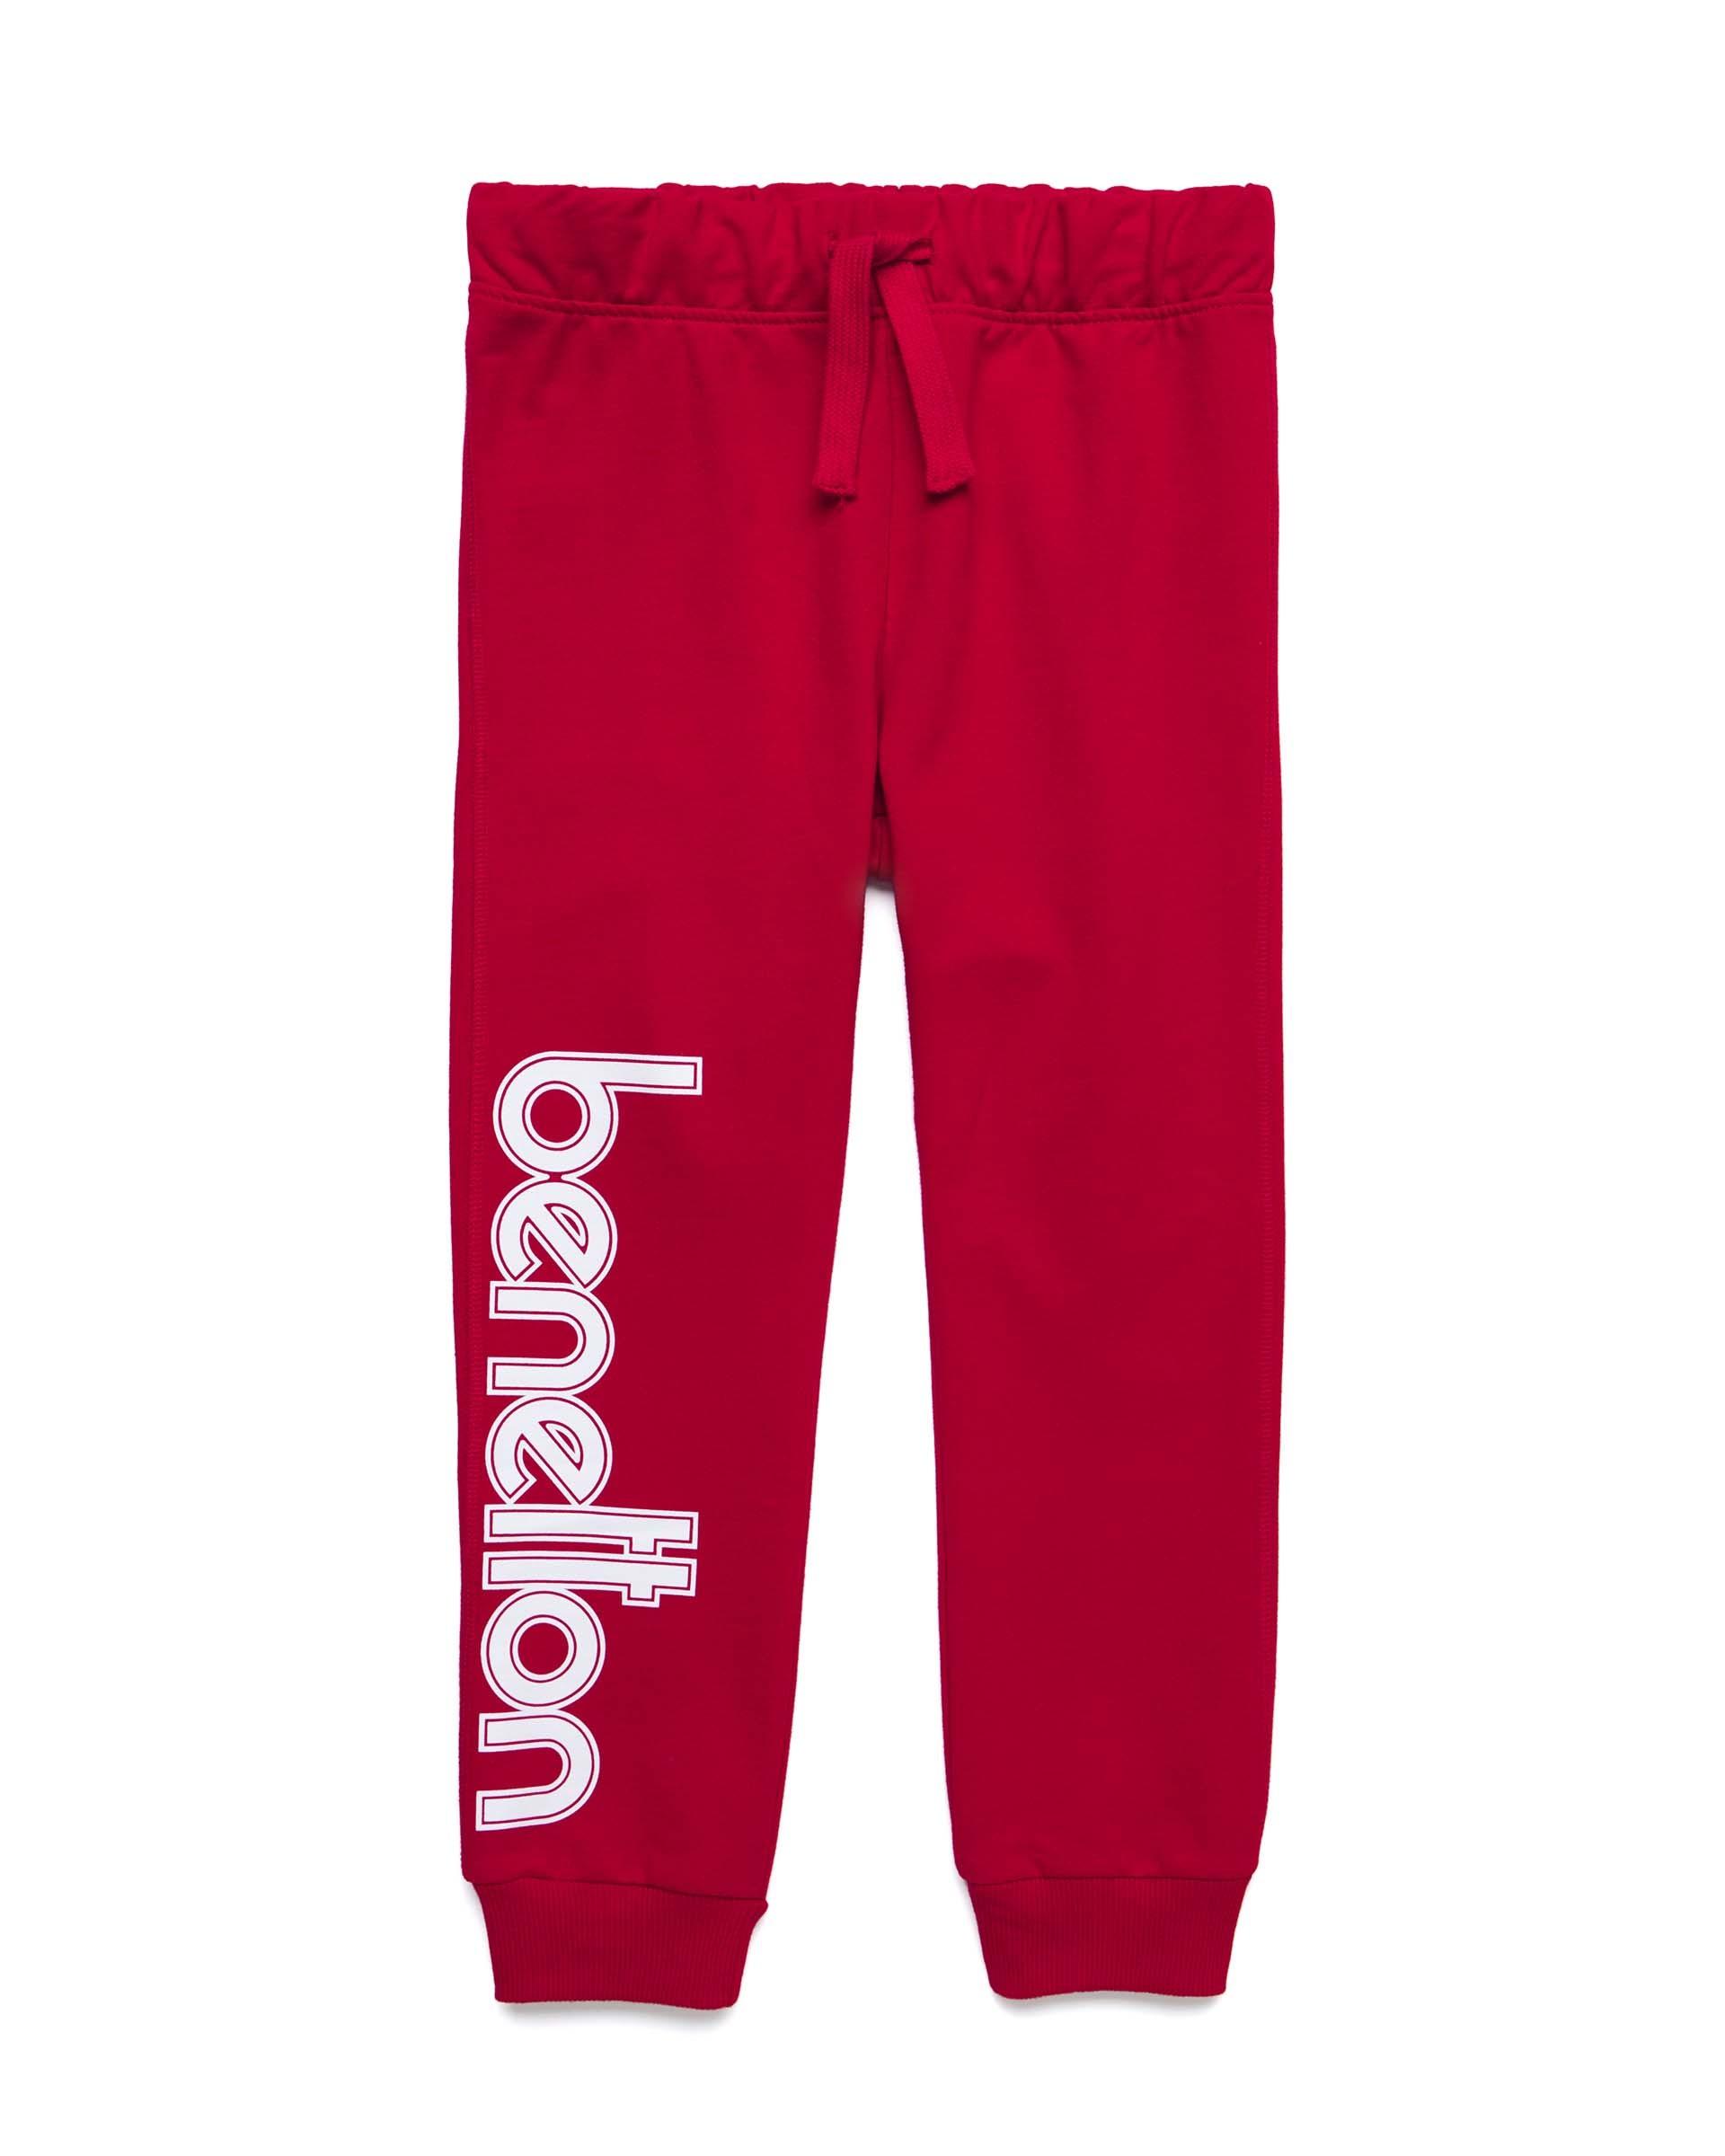 Купить 20P_3BC1I0986_015, Спортивные брюки для мальчиков Benetton 3BC1I0986_015 р-р 110, United Colors of Benetton, Брюки для мальчиков